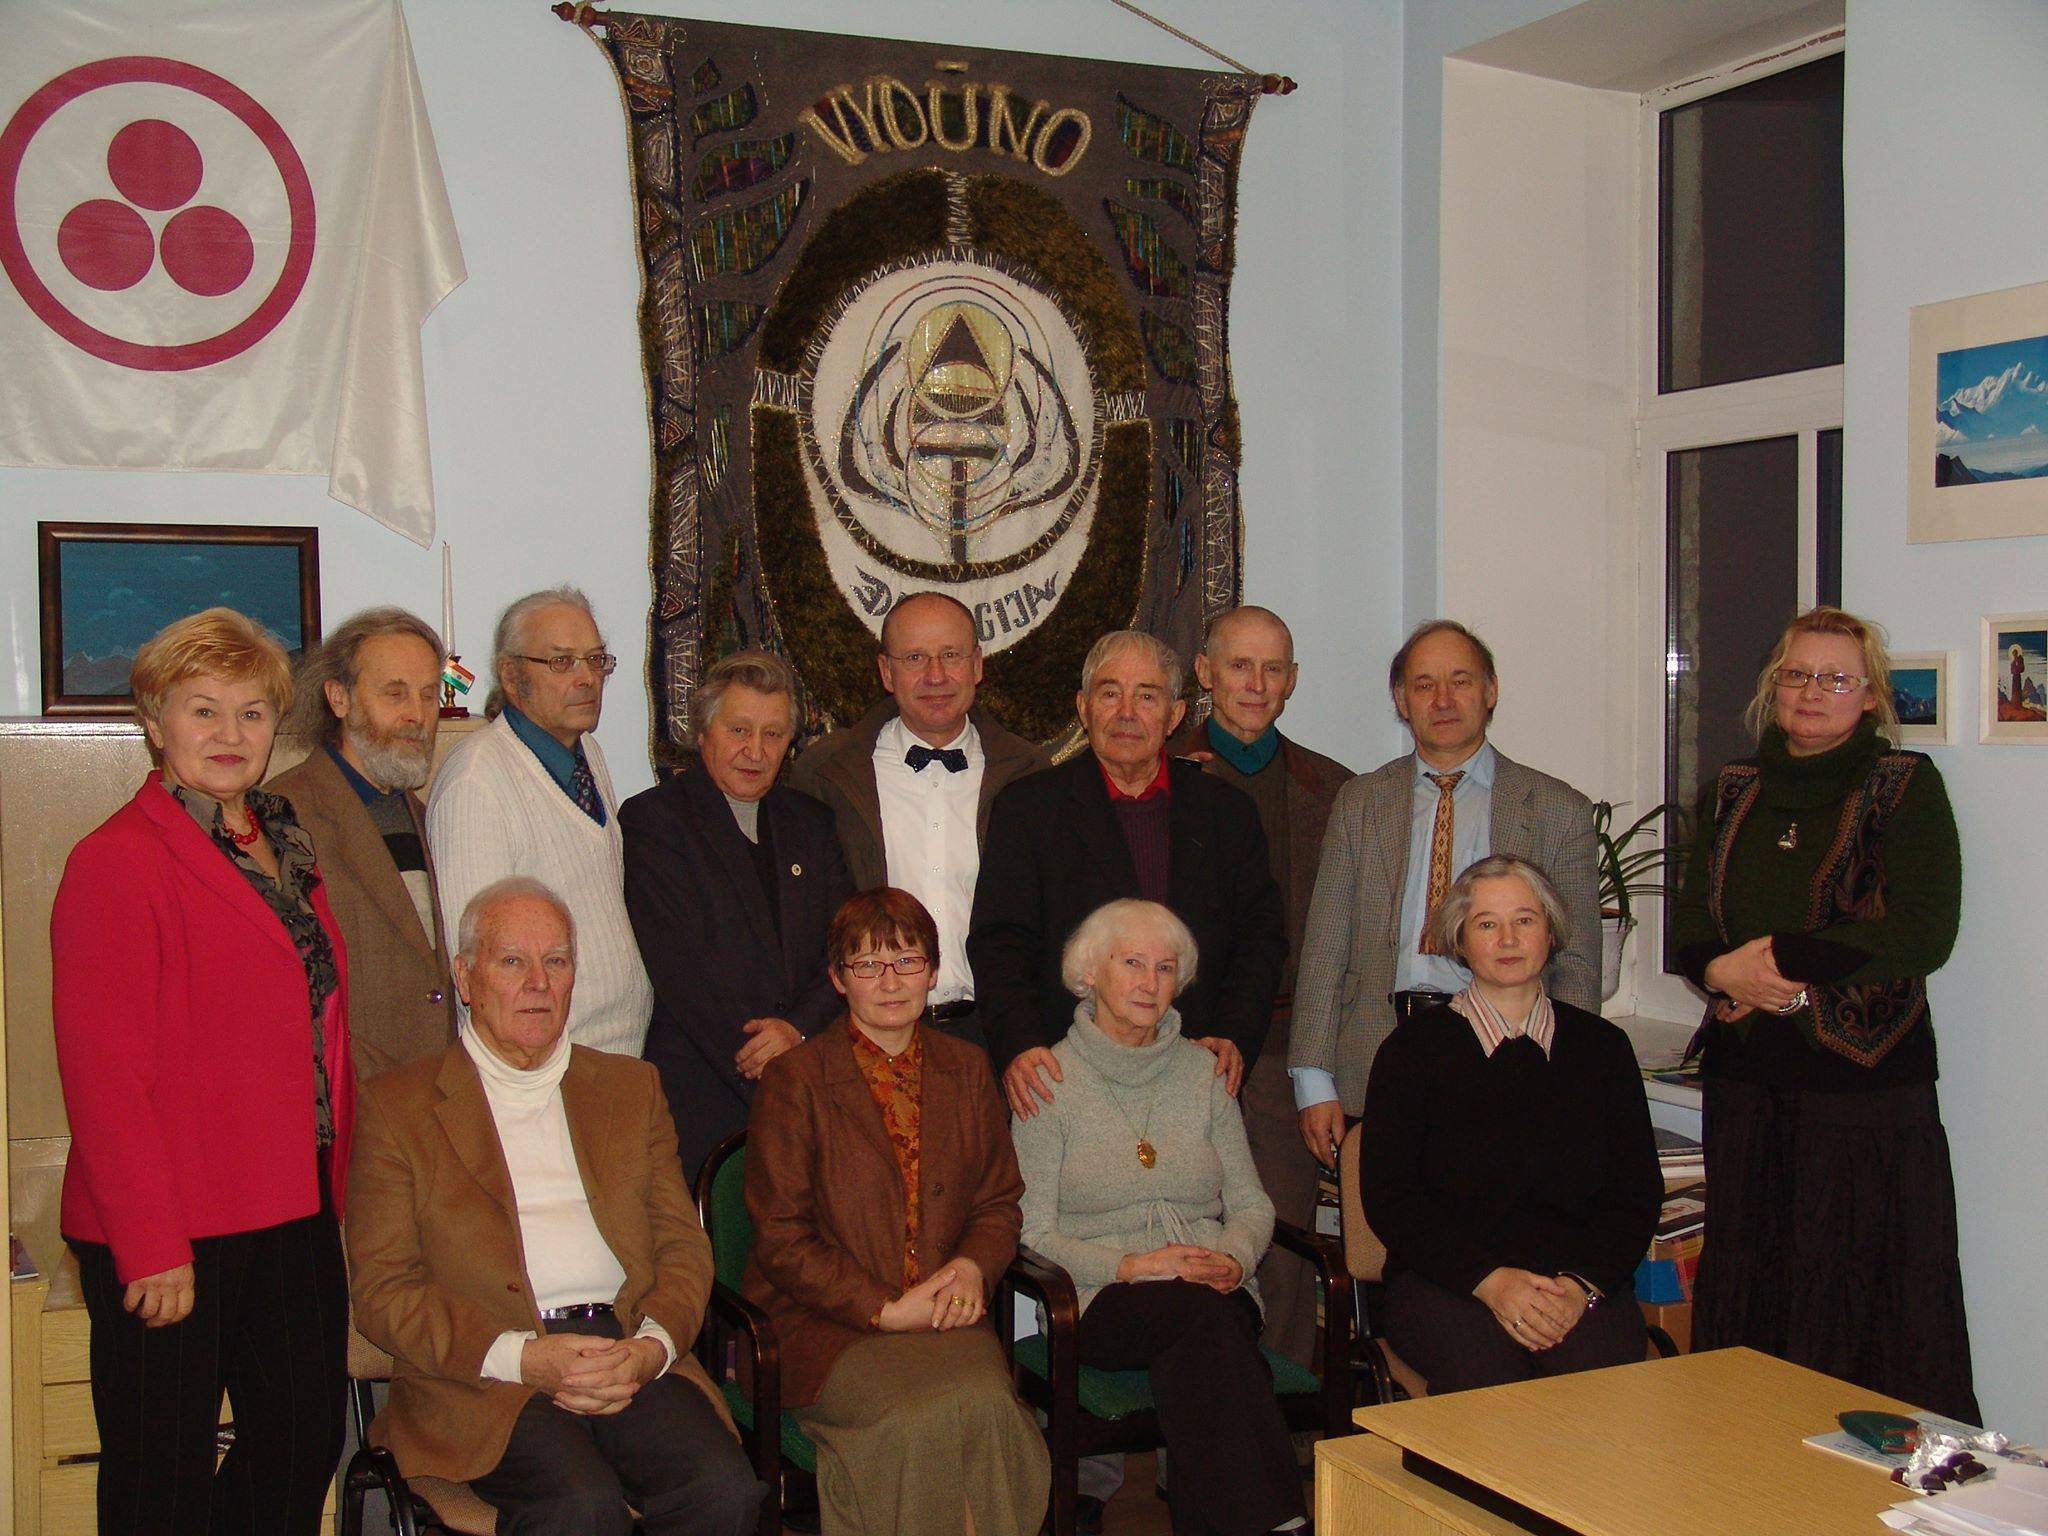 Susitikimas su Vokietijos ambasados Vilniuje pirmuoju sekretoriumi Fridrichu Vilhelmu Neliu (Friedrich Wilhelm Nehl) (stovi 5 iš kairės) ir žurnalistu iš Berlyno Leonu Stepanausku (stovi iš kairės) Vydūno draugijoje. 2011 m. | V. Bagdonavičiaus asmeninė nuotr.